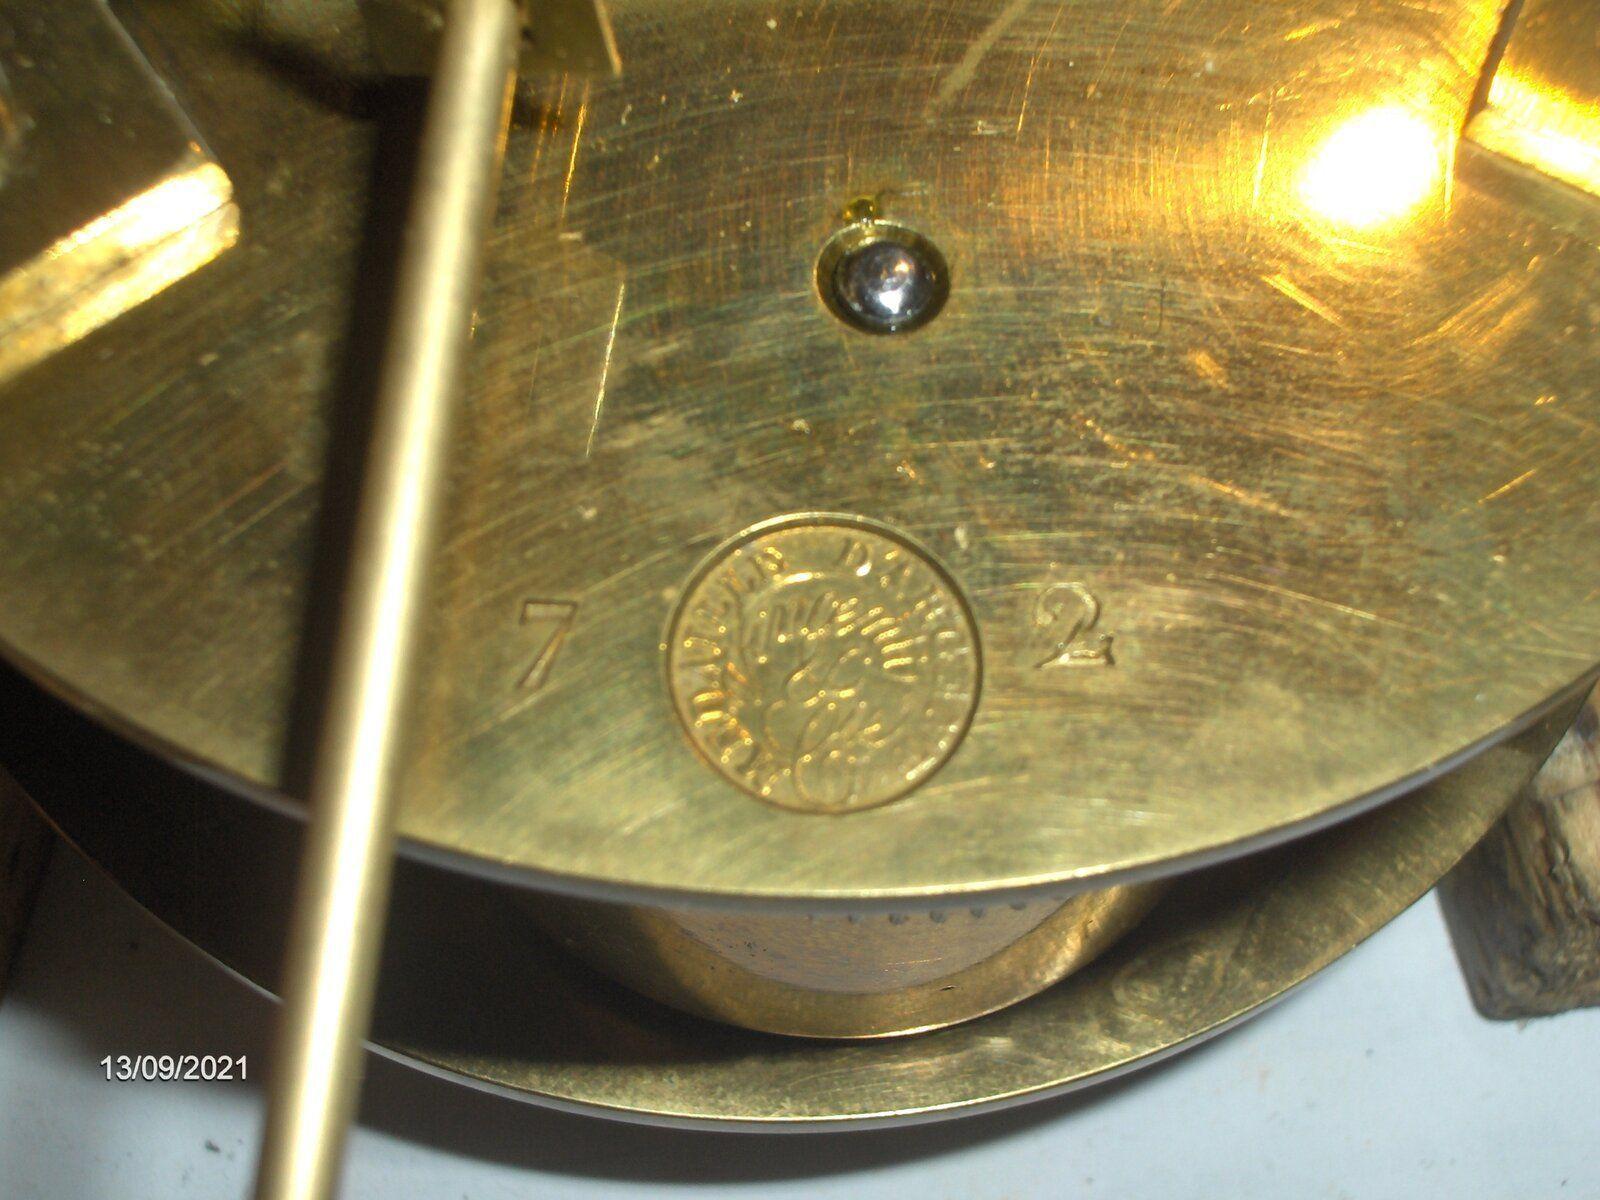 HPIM0355.JPG